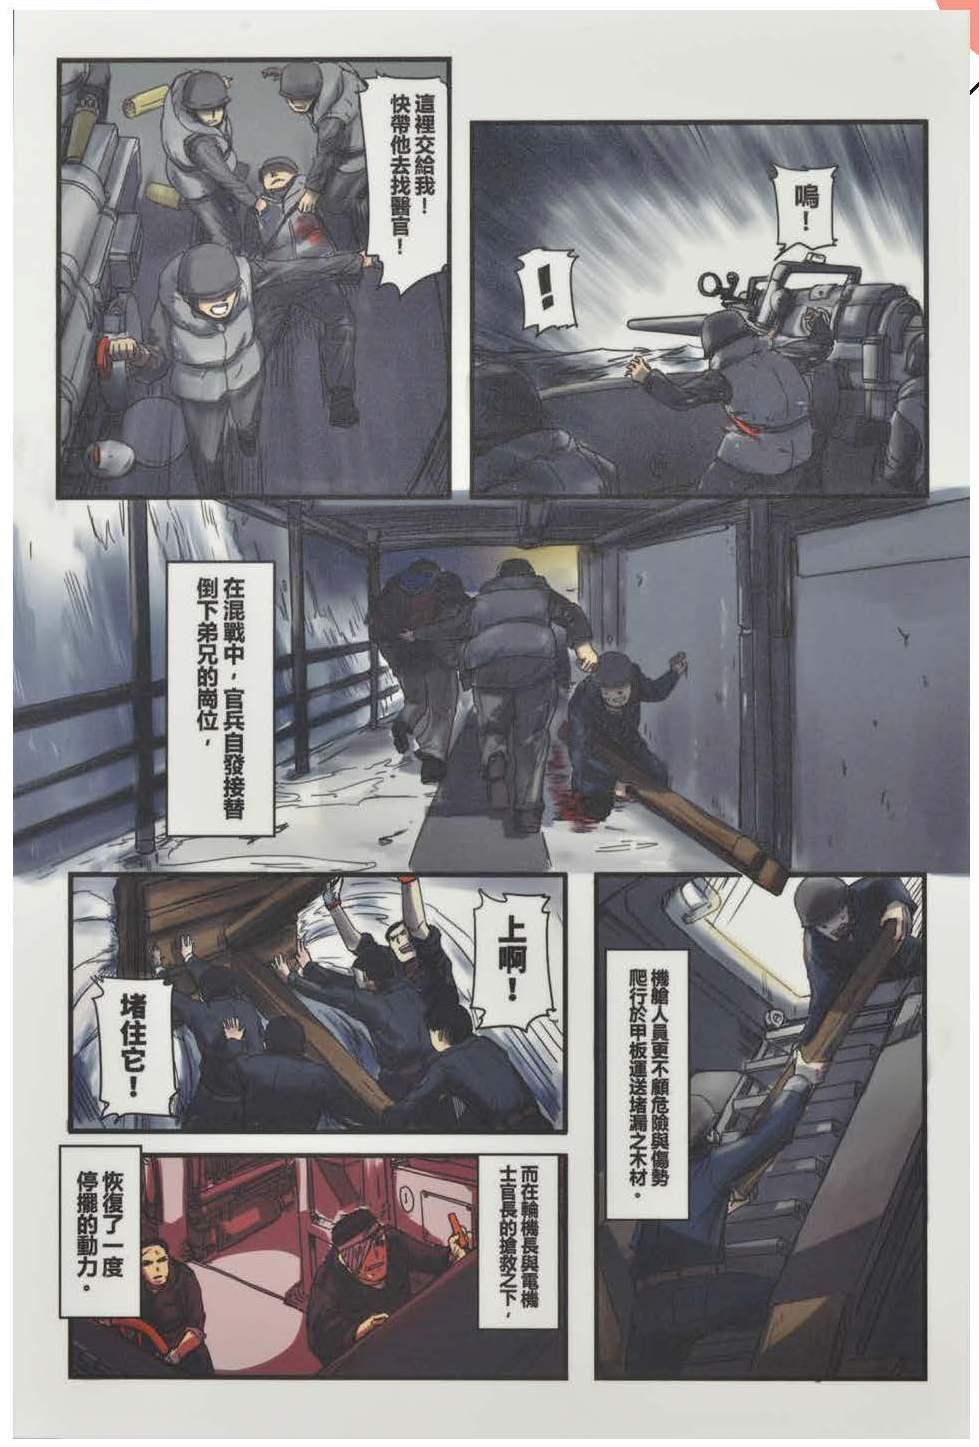 第50屆漫畫類金像獎作品_傳承5_張哲綱.jpg